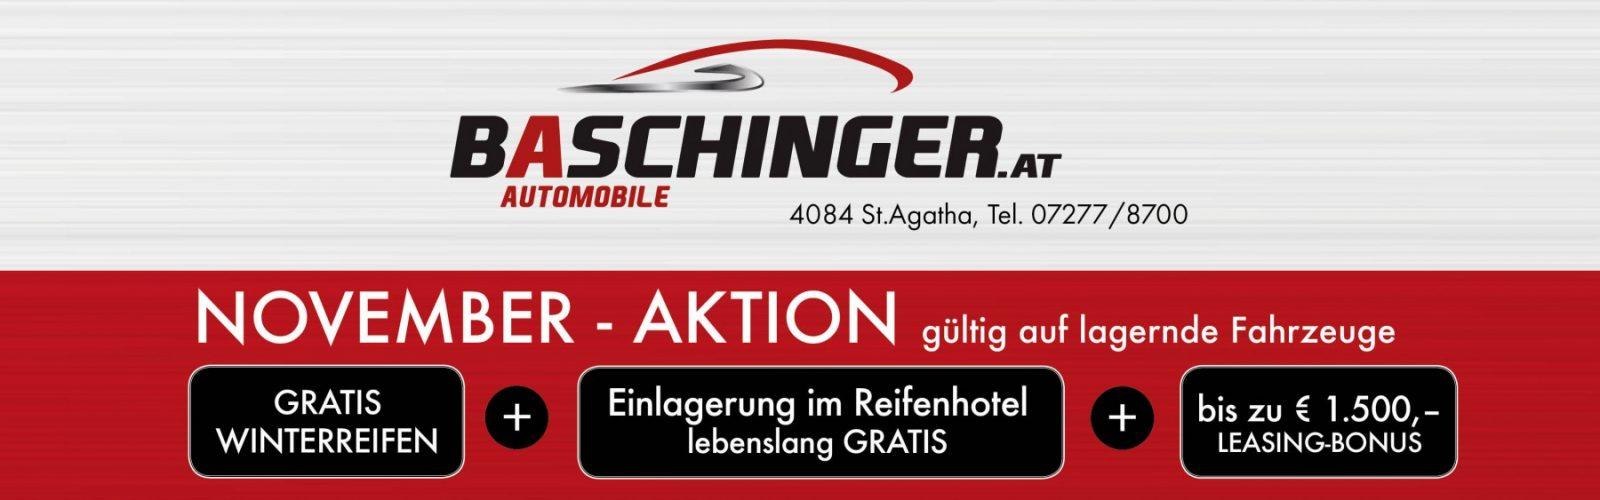 Verkauf November 2018 Aktion bei HWS || Ing. Günther Baschinger GmbH in